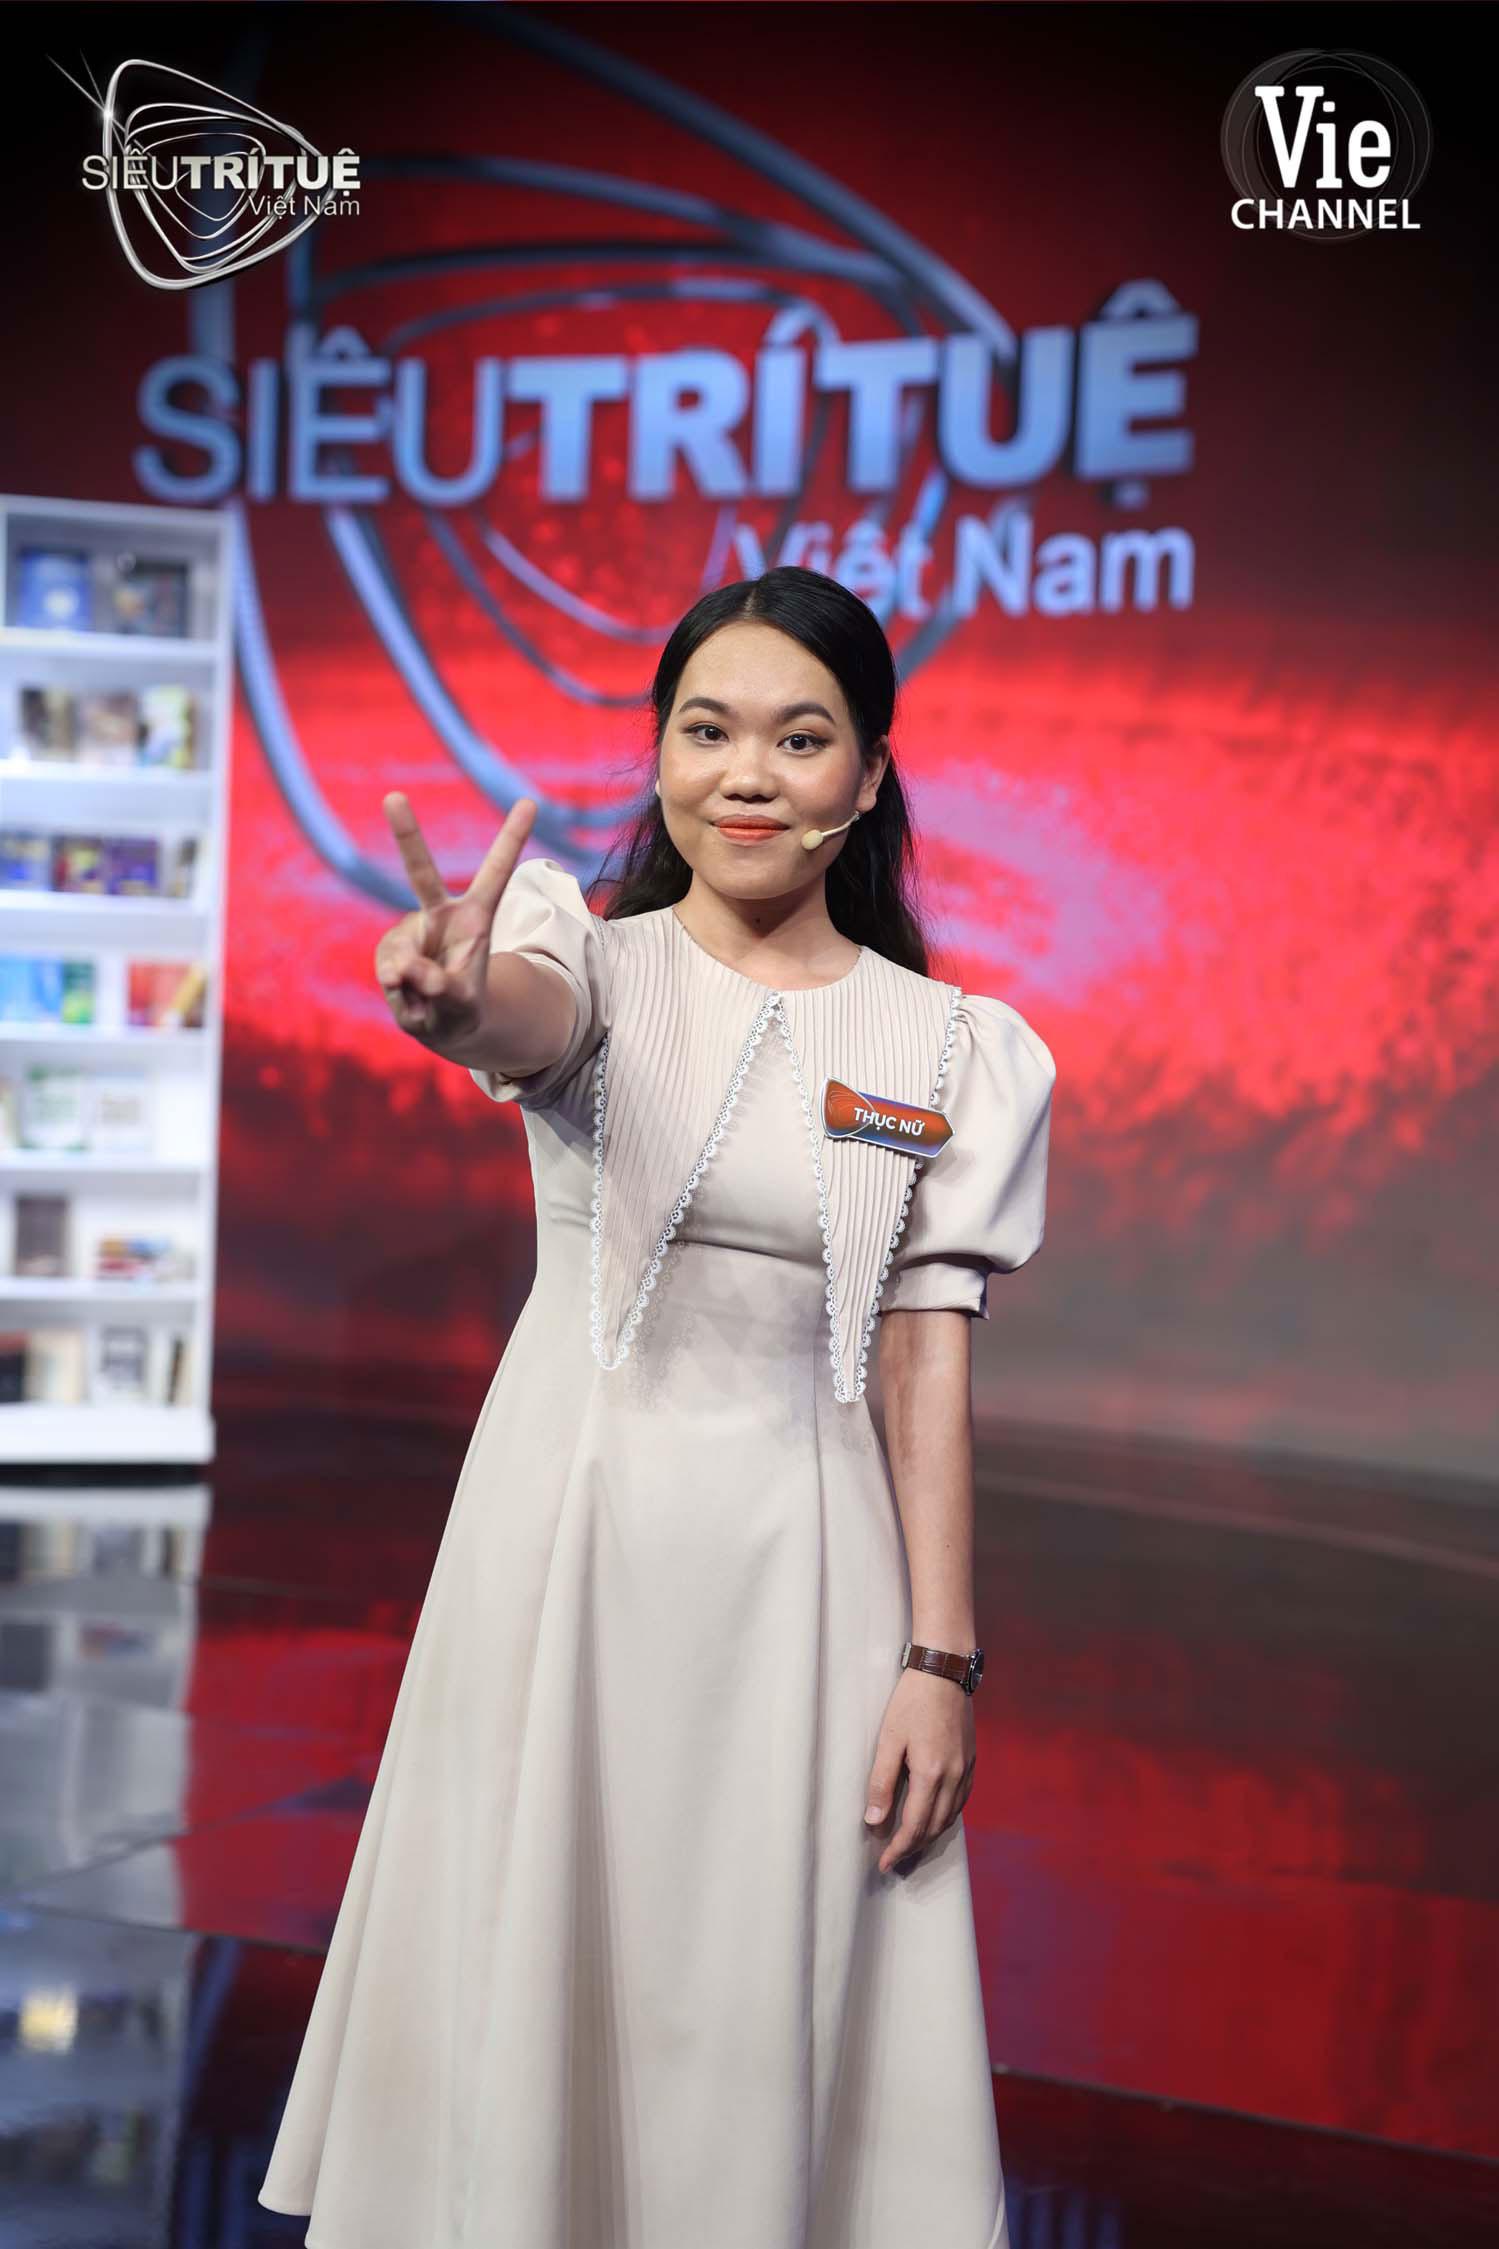 Xác lập kỷ lục thế giới ngay trên sân khấu Siêu Trí Tuệ Việt Nam, nữ bác sĩ 24 tuổi làm rạng danh Trí Tuệ Việt 3 Miền - Ảnh 1.